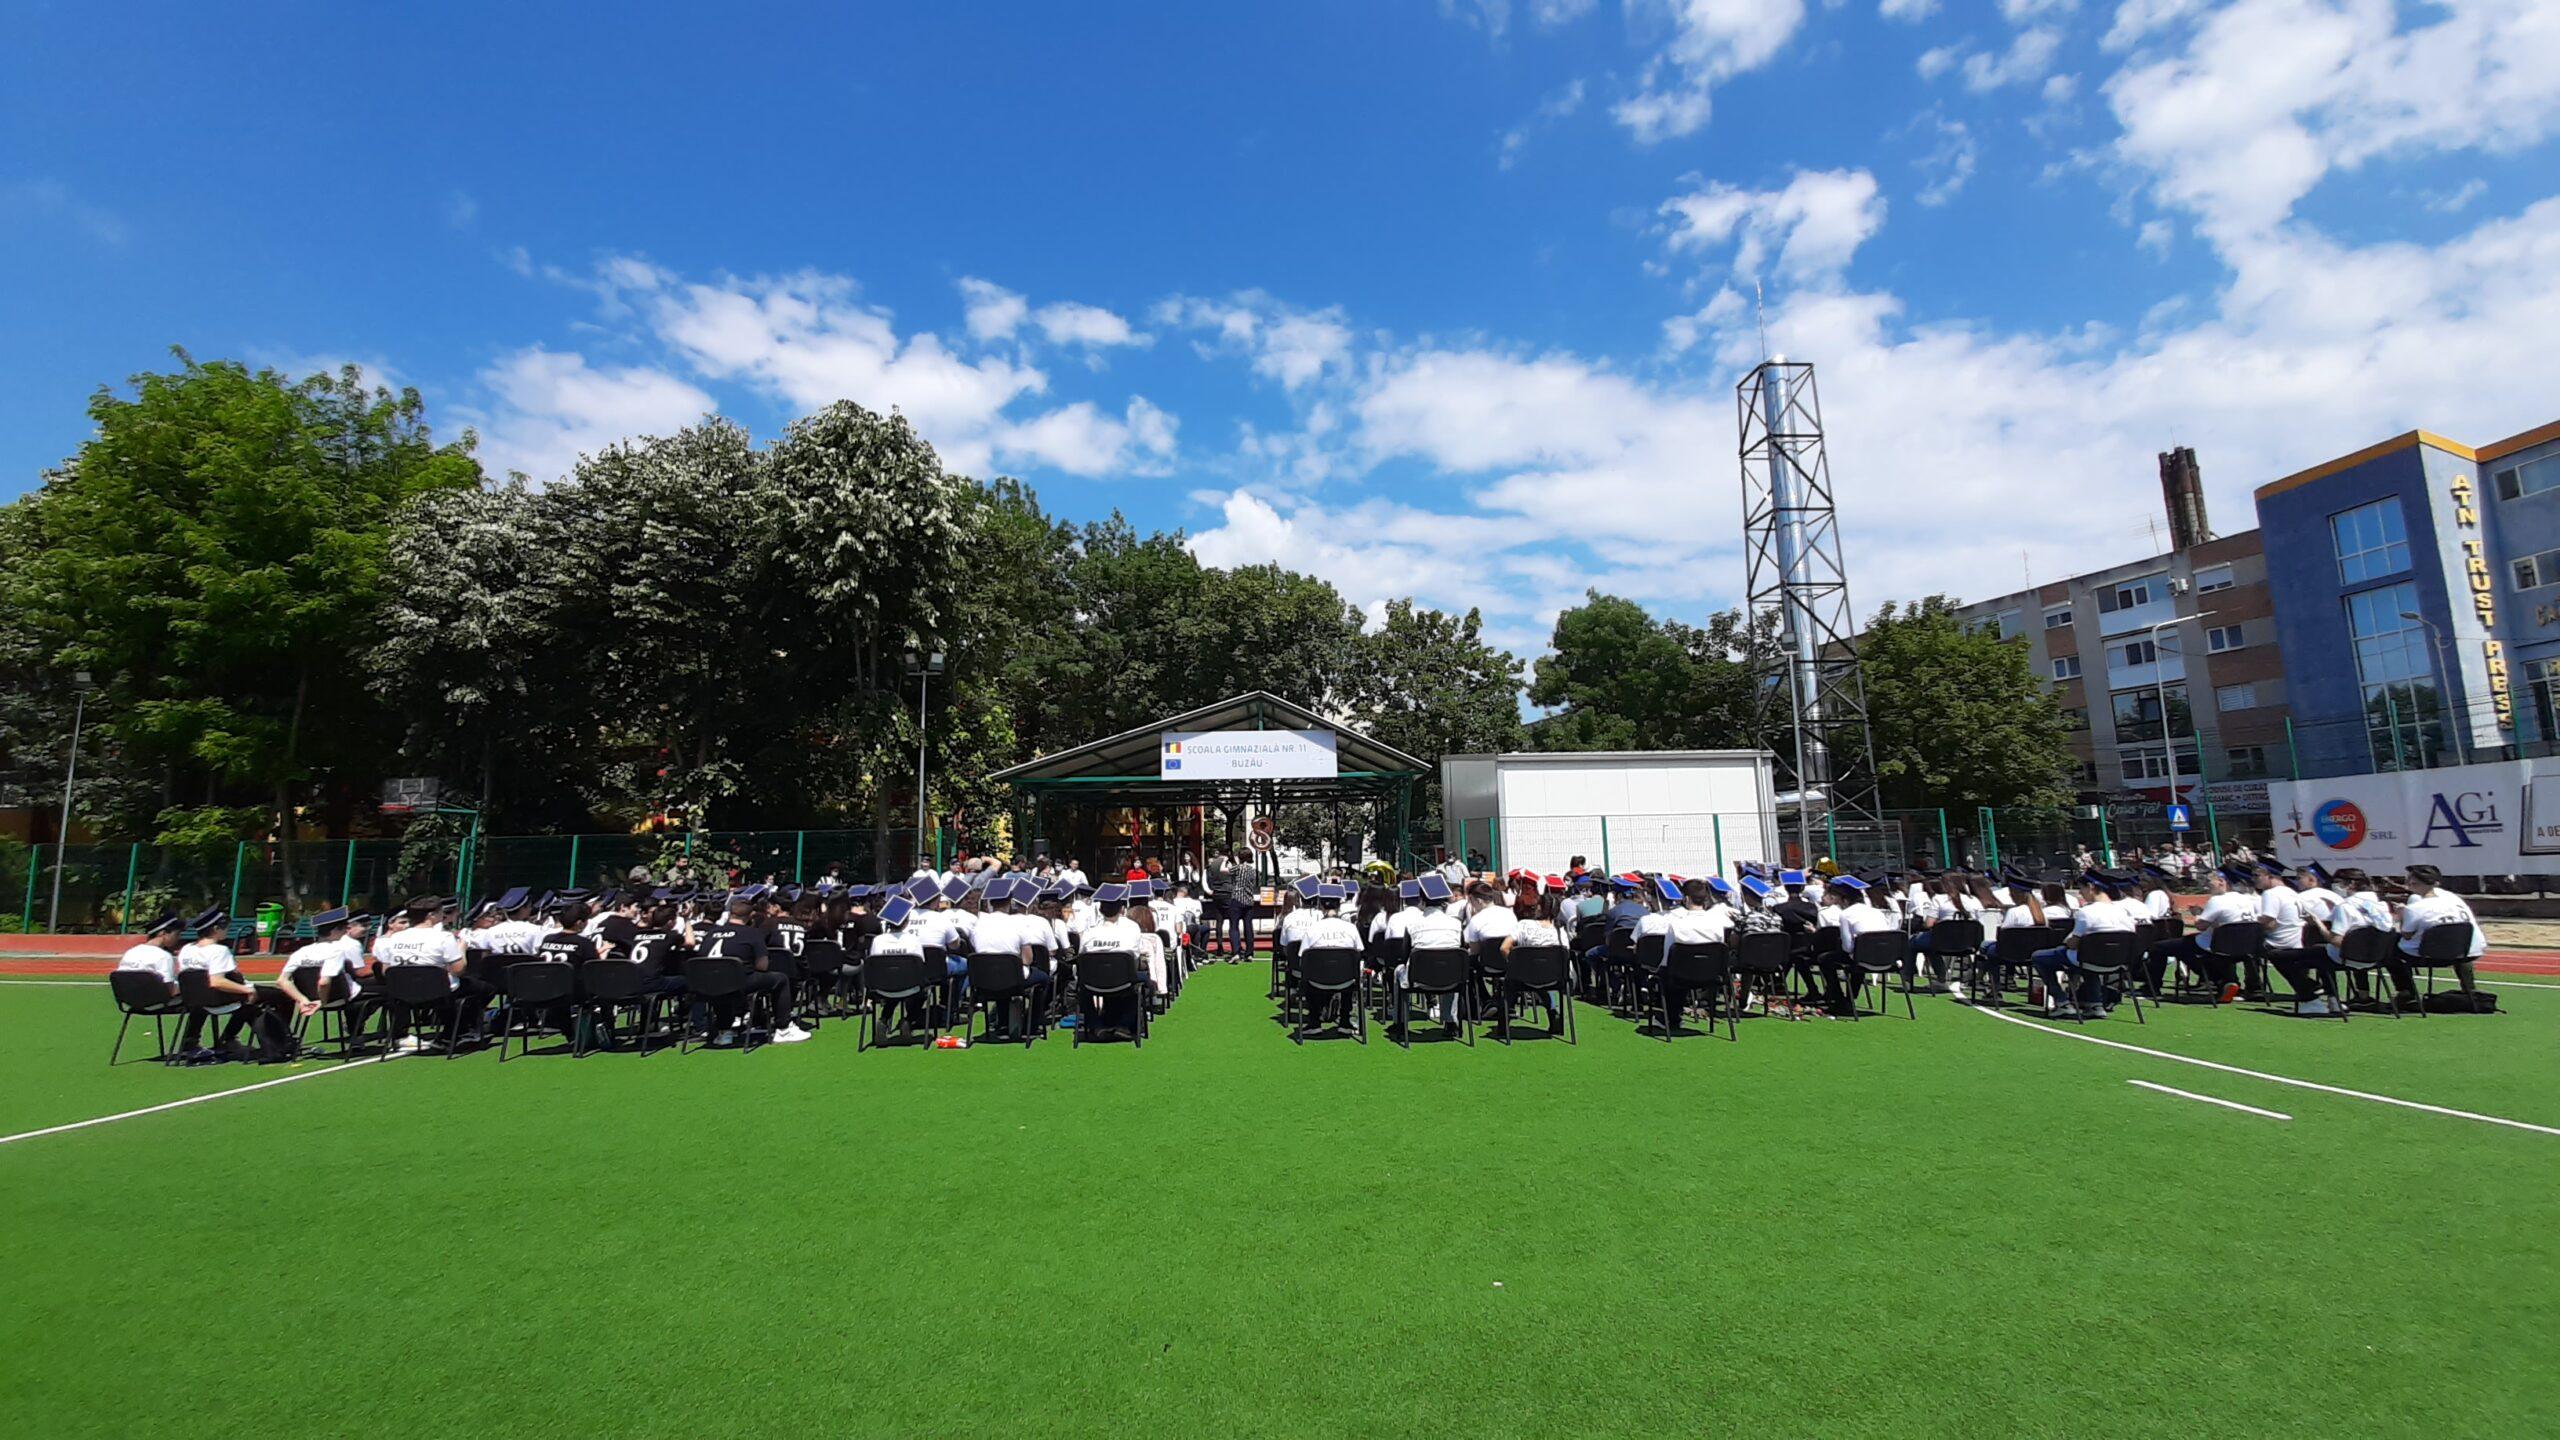 Festivitatea de absolvire de la cea mai mare școală din județ